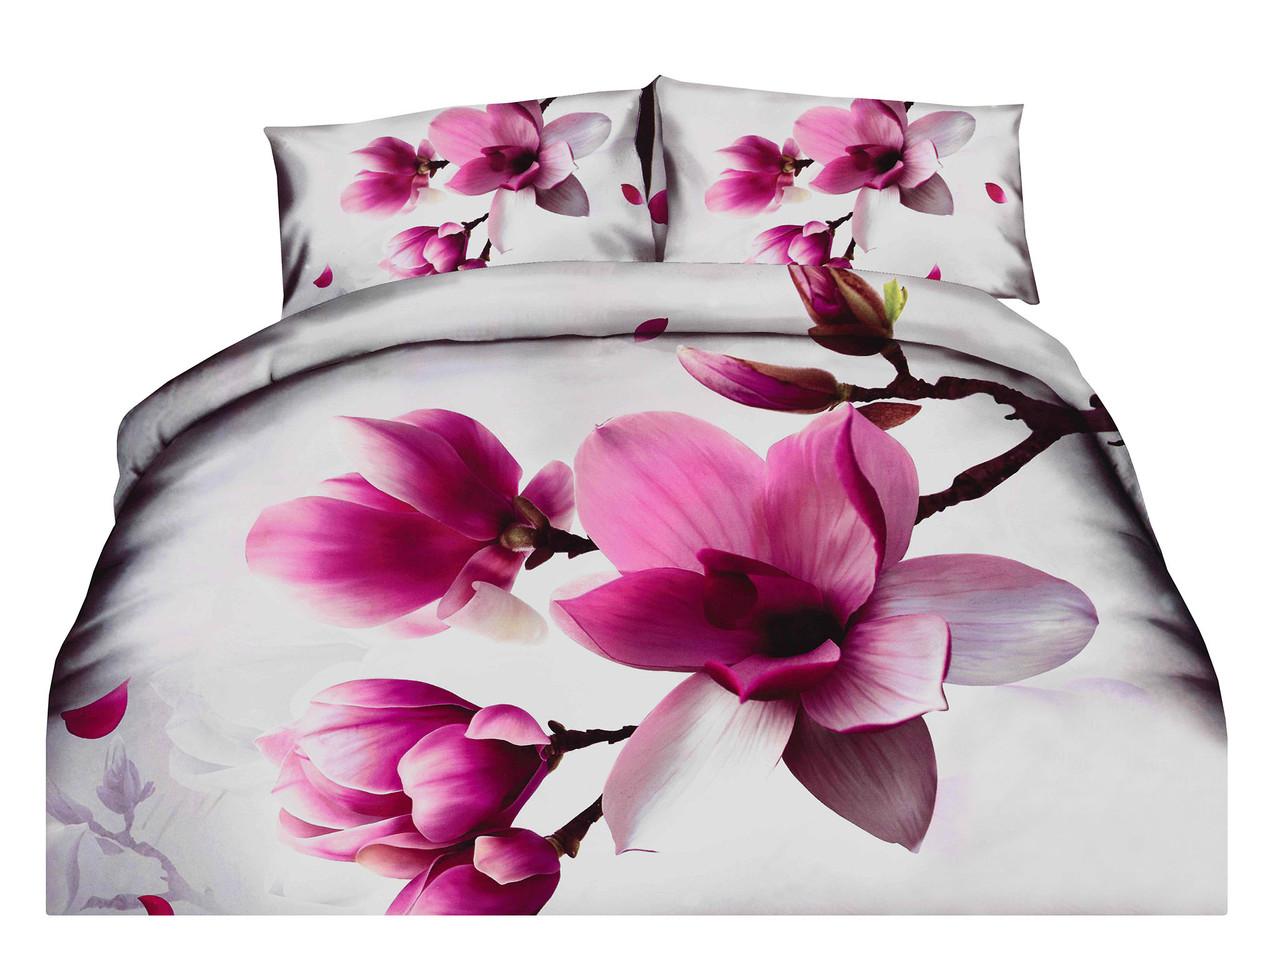 Комплект постельного белья Микроволокно HXDD-724 M&M 6871 Белый, Розовый